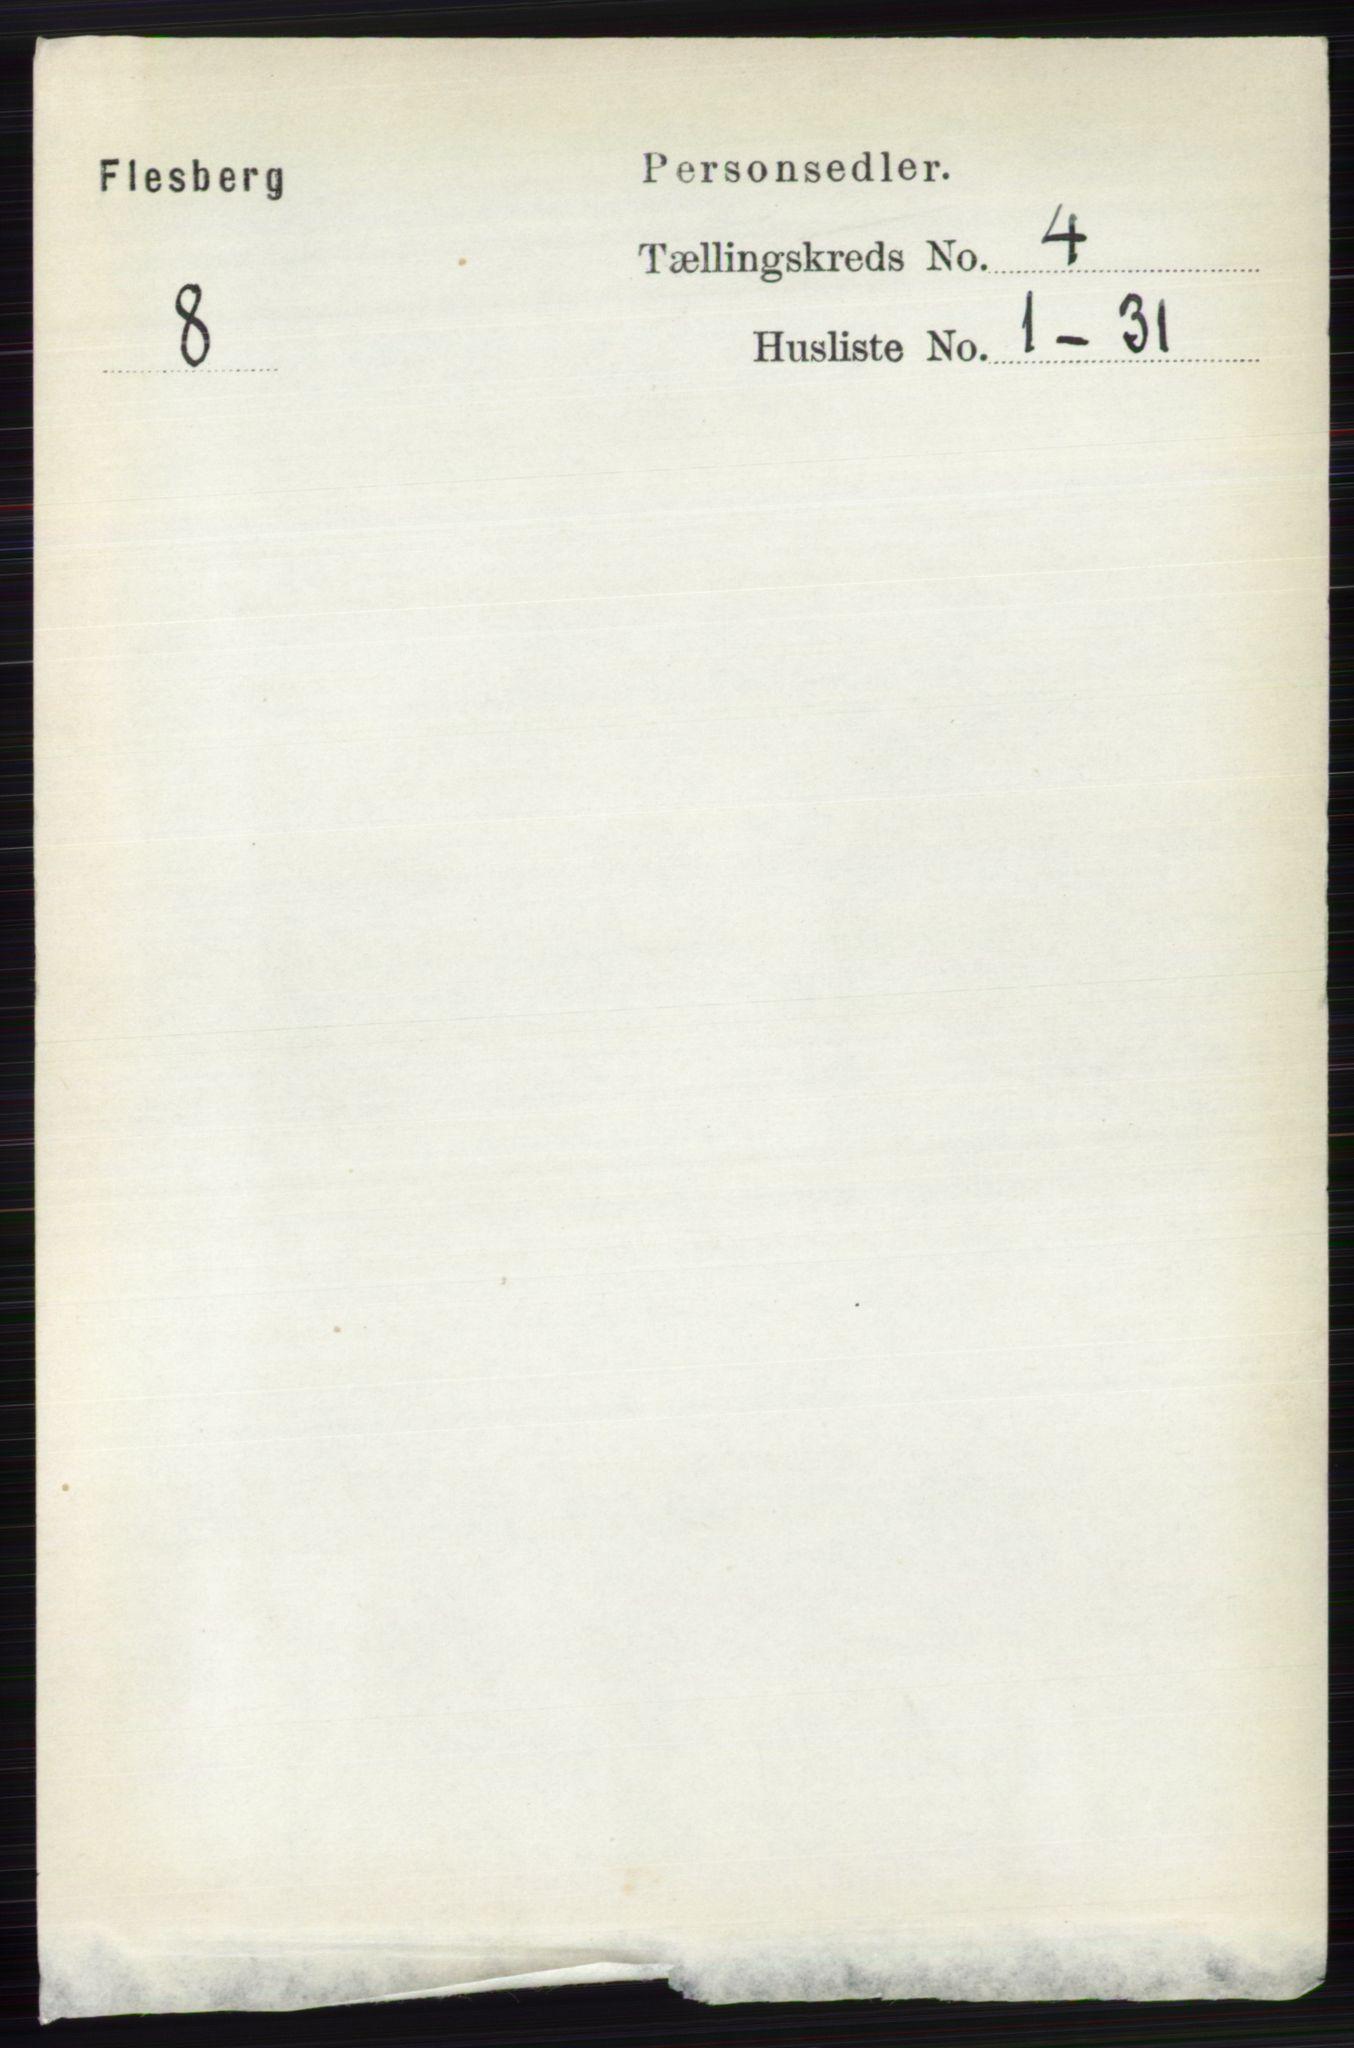 RA, Folketelling 1891 for 0631 Flesberg herred, 1891, s. 519